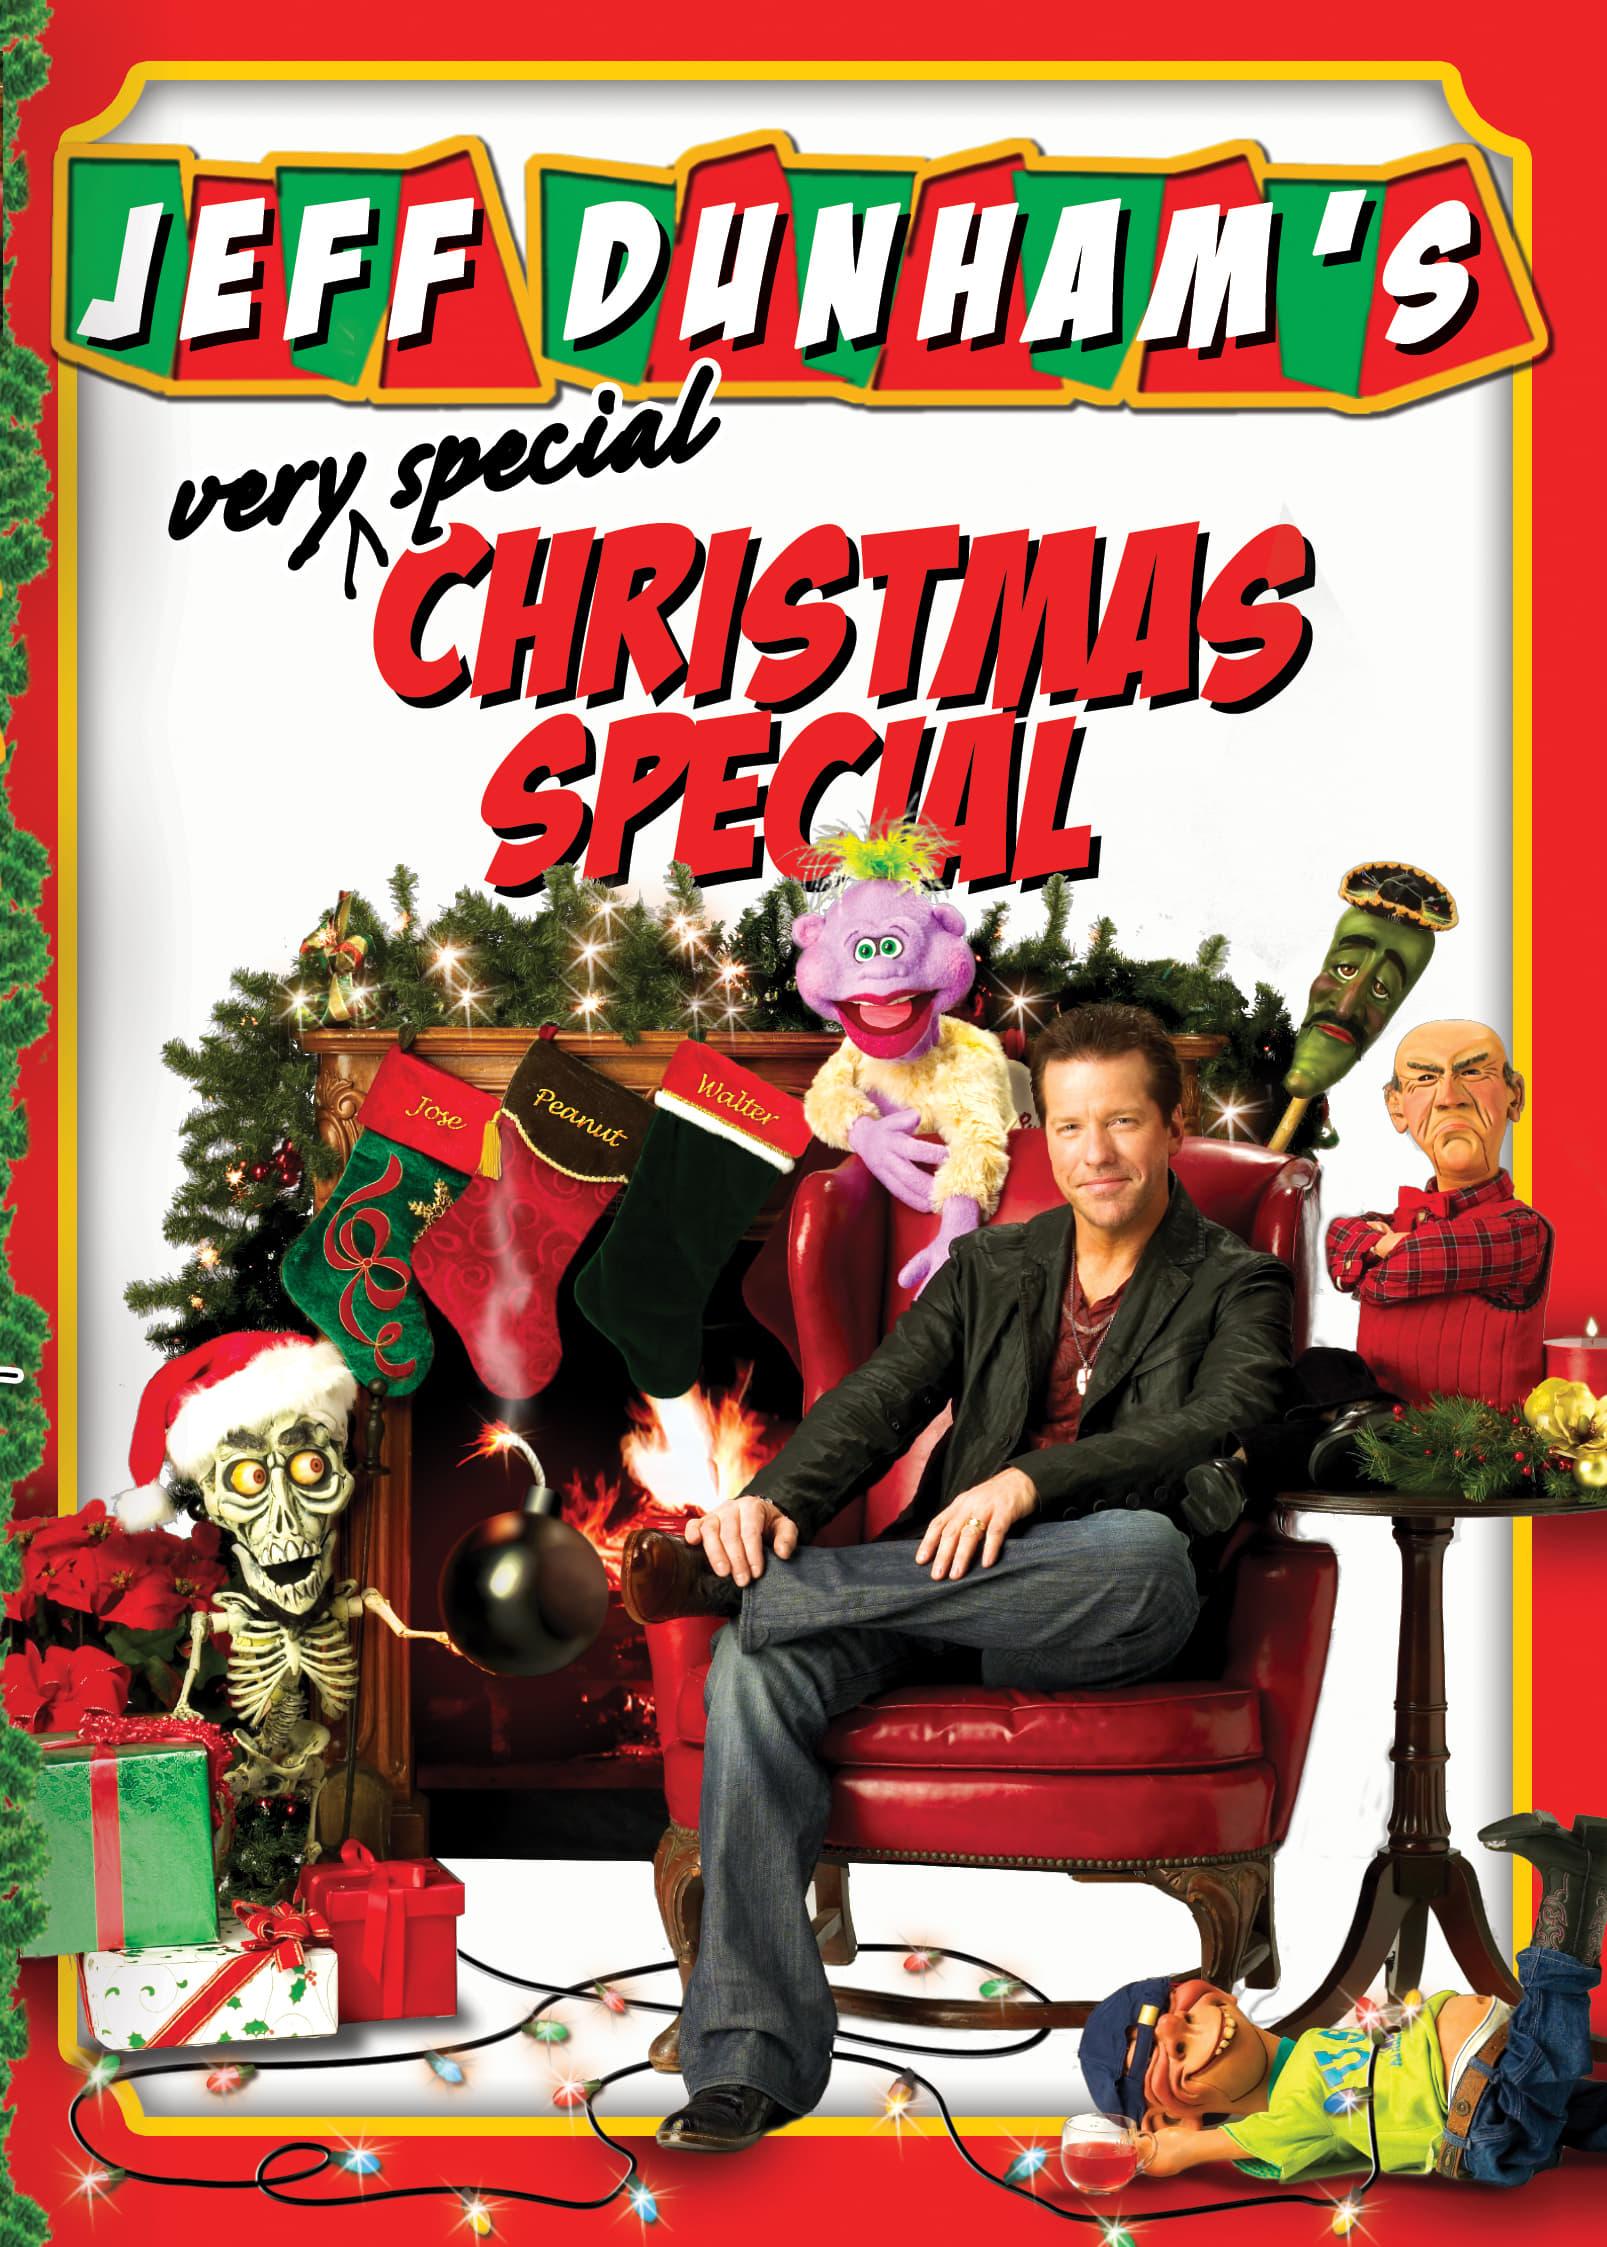 Jeff Dunham: Jeff Dunham's Very Special Christmas Special